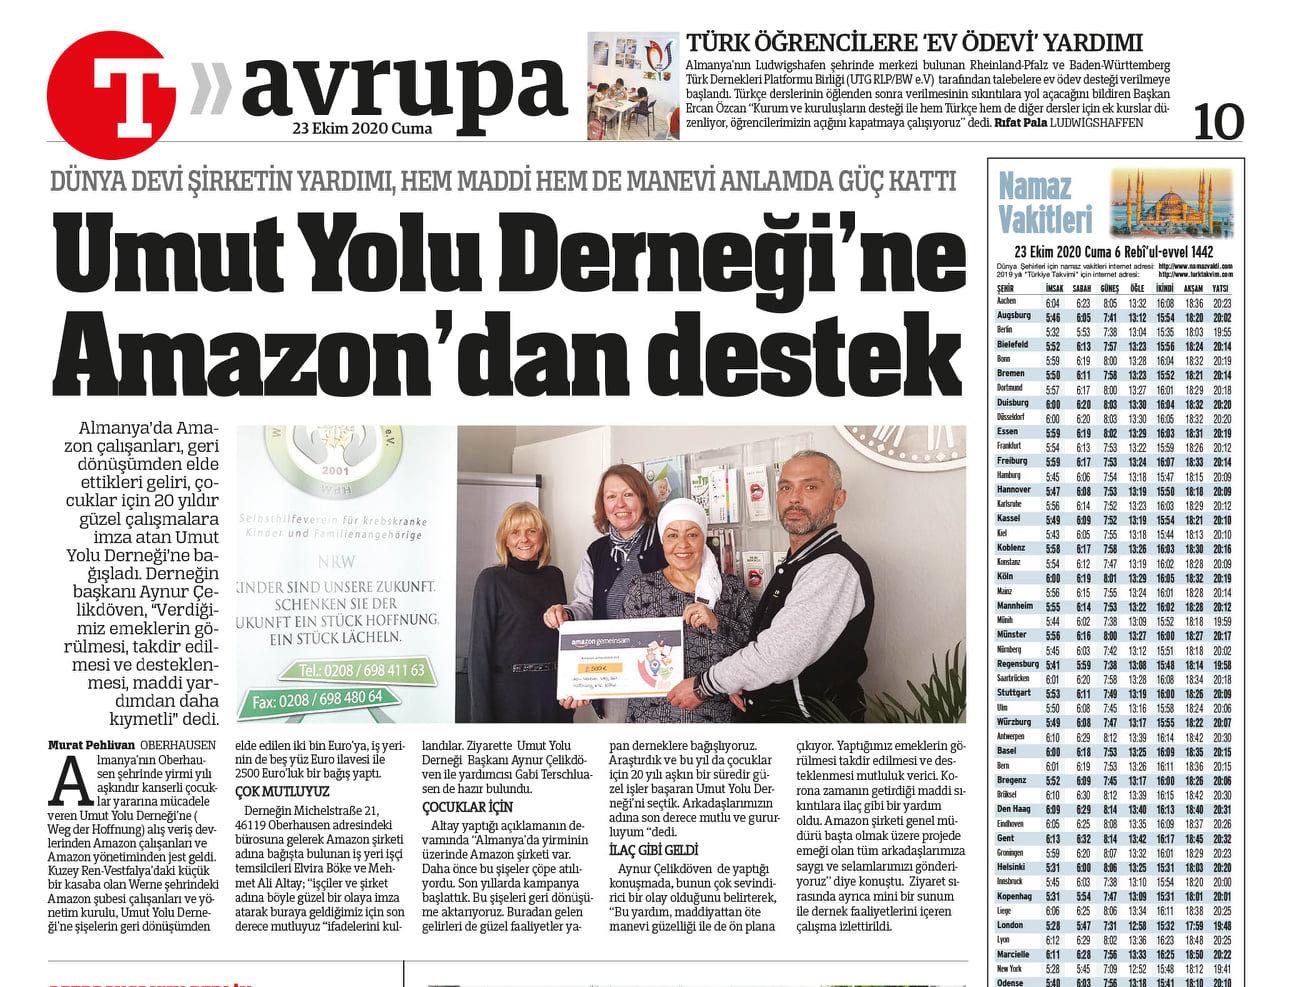 23.9.2020_Turkiye_Gazetesi_Haberi